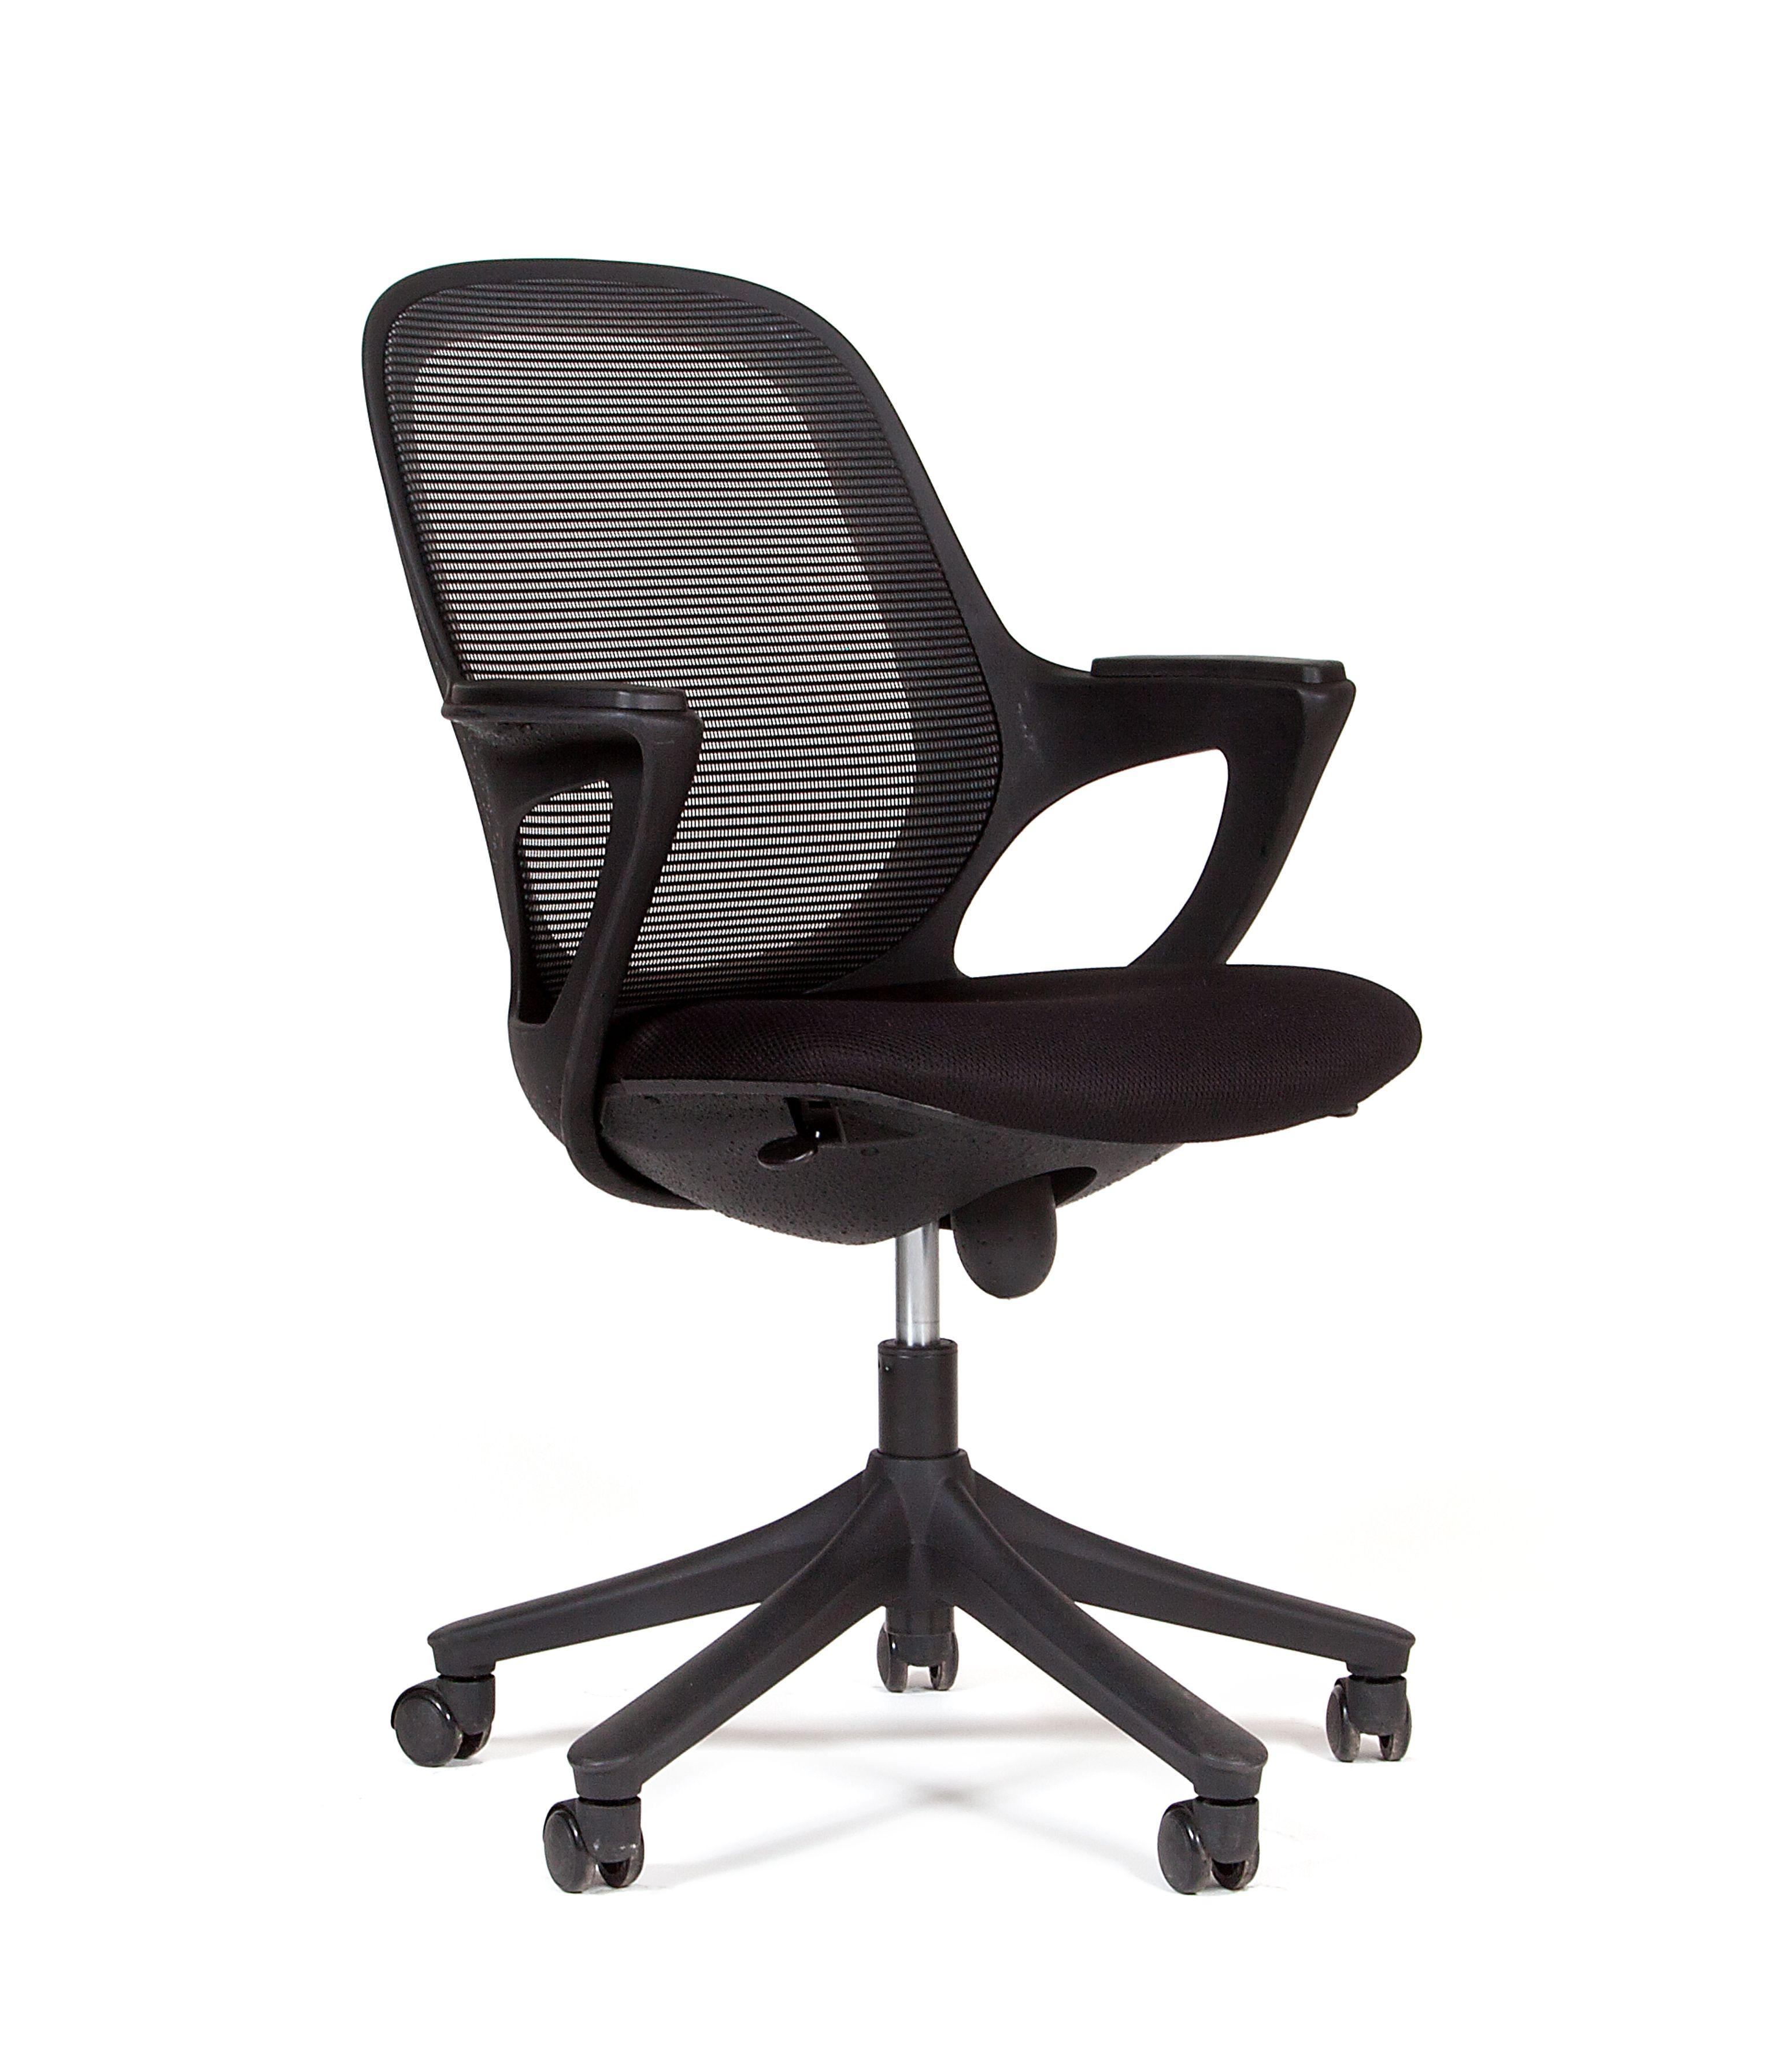 Biuro kėdė SPARKS 820 black